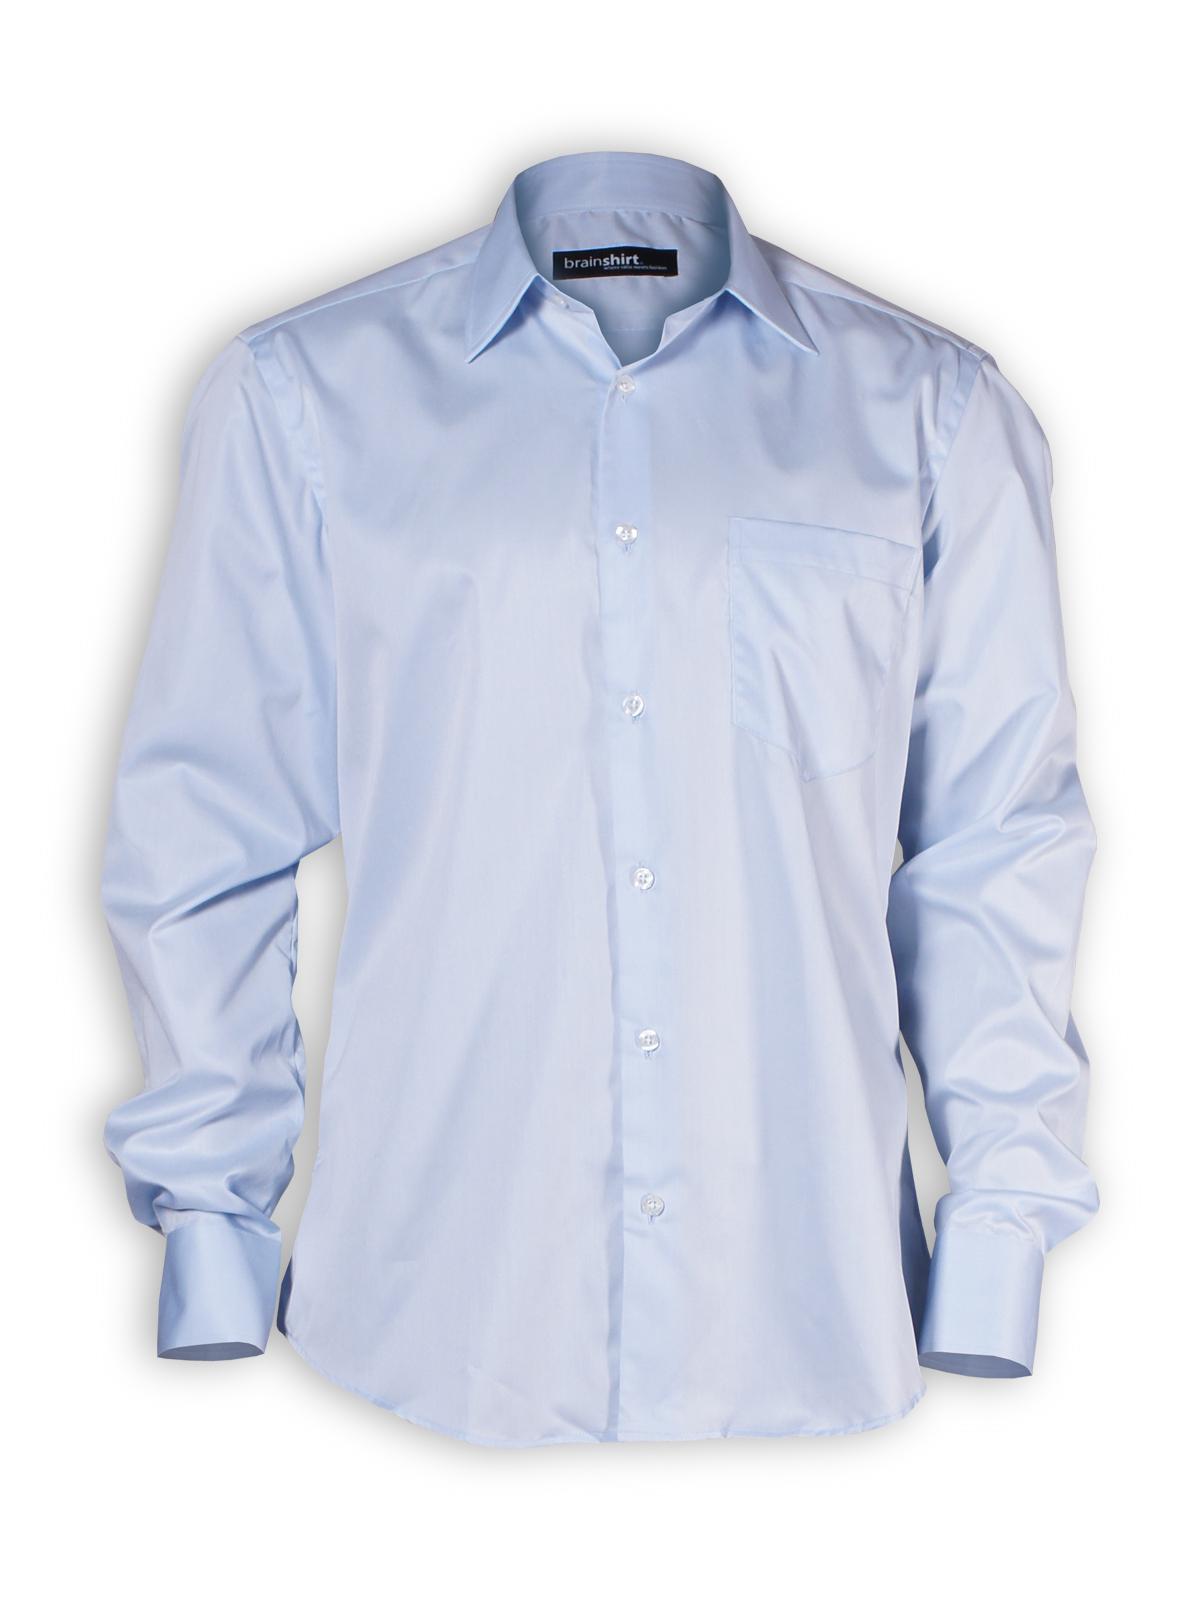 Hemd Blue Sky von brainshirt in blau - PNG Hemd